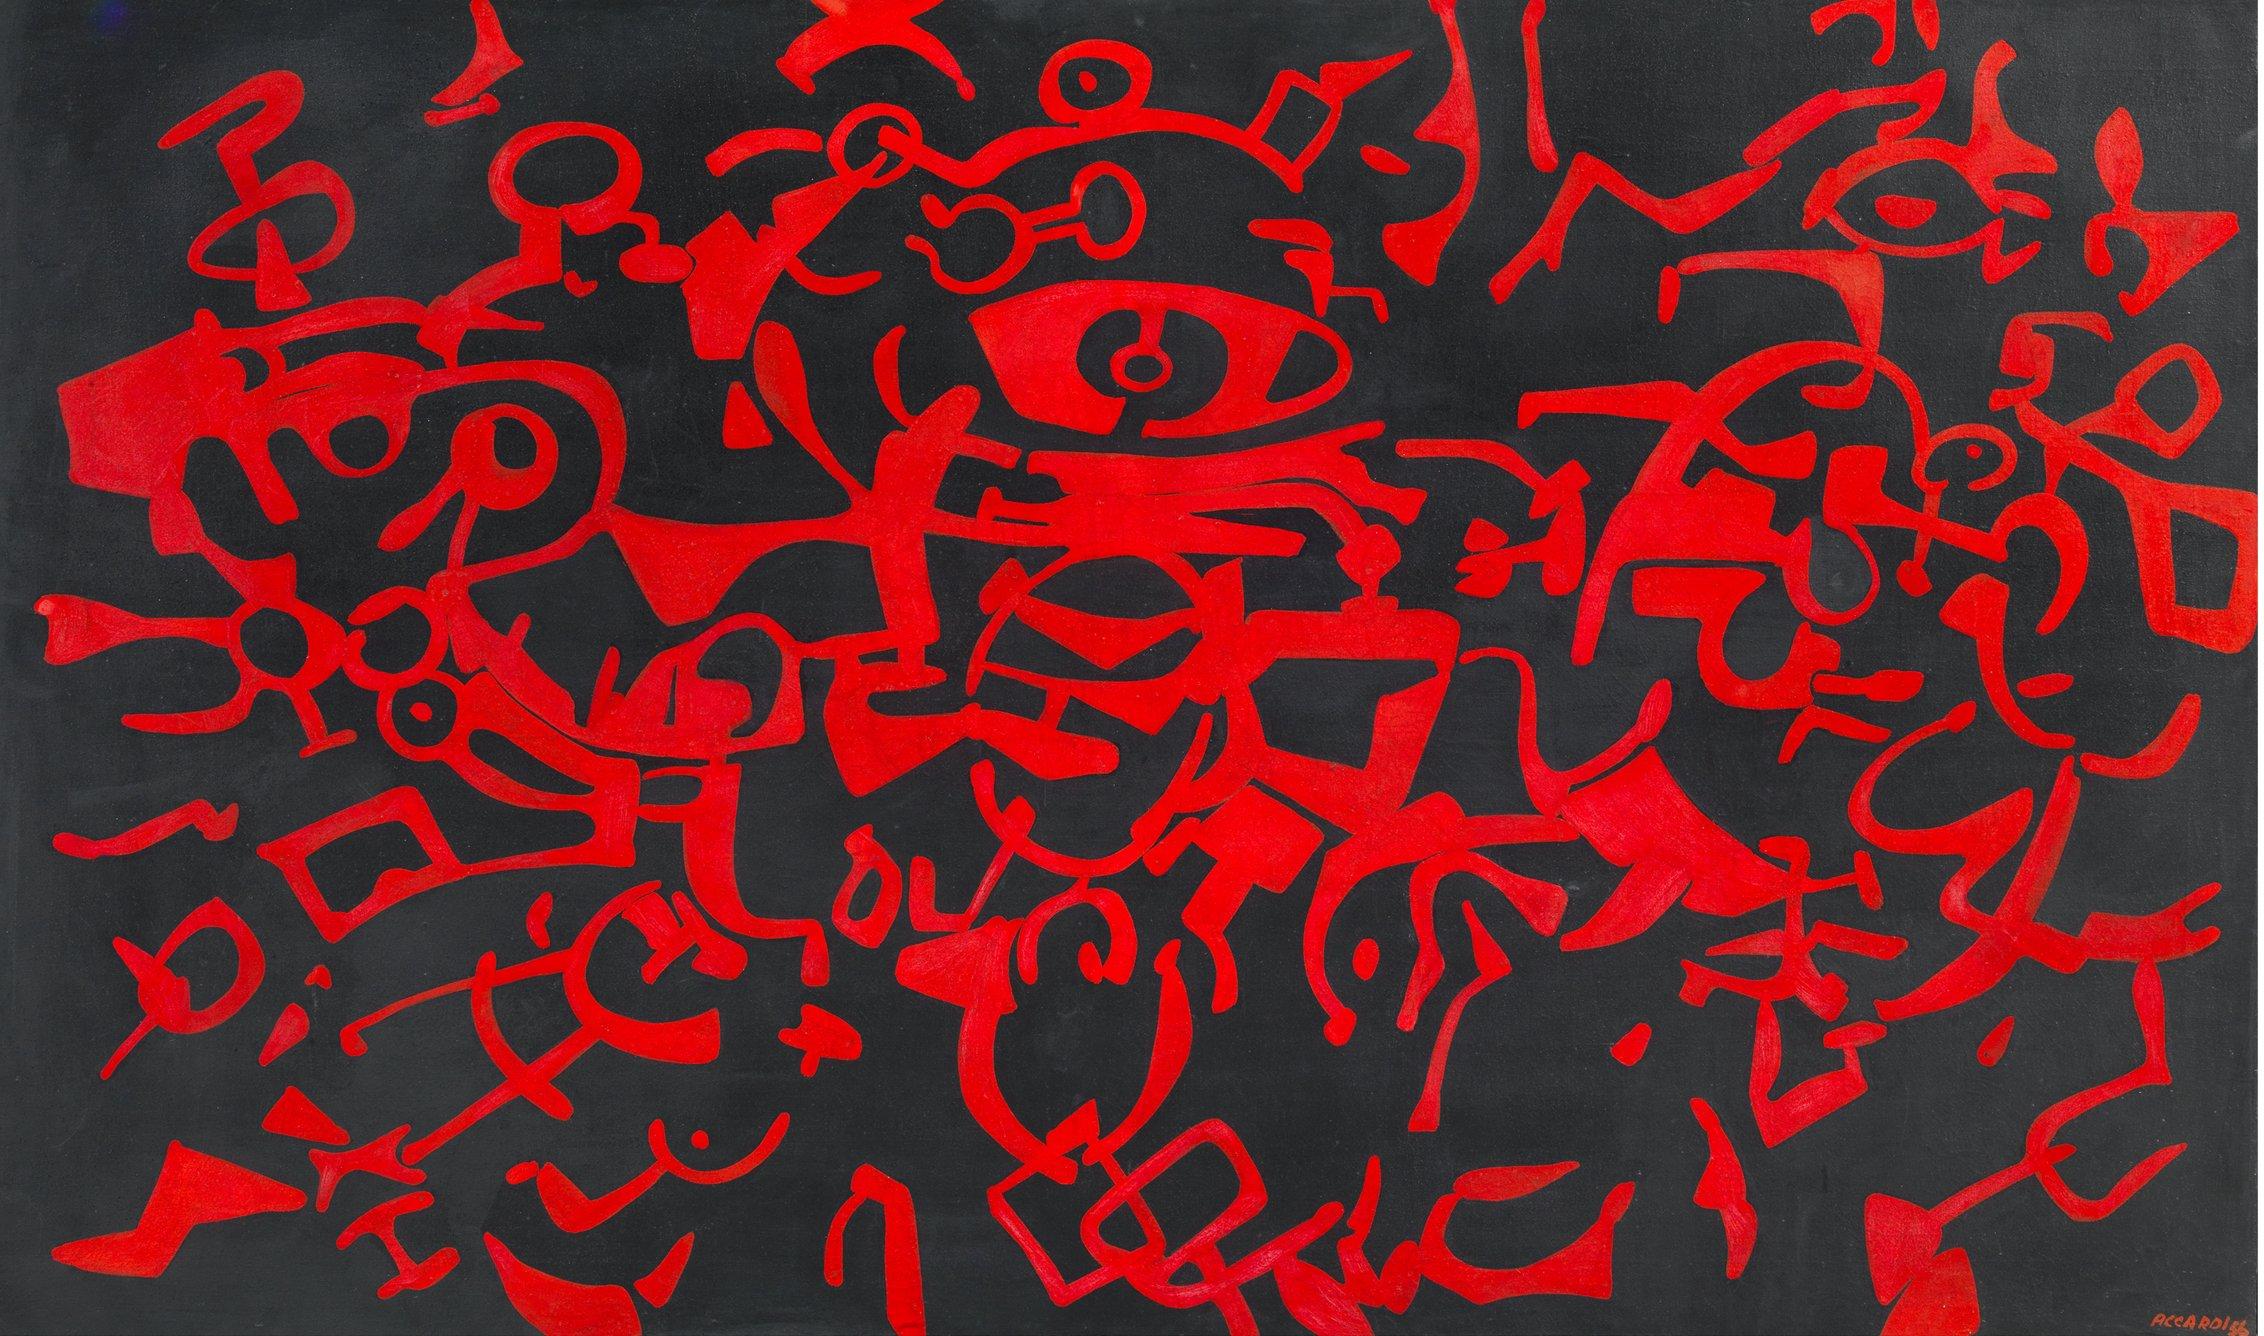 Carla Accardi, Assedio rosso n°3, 1956, 97 x 162 cm